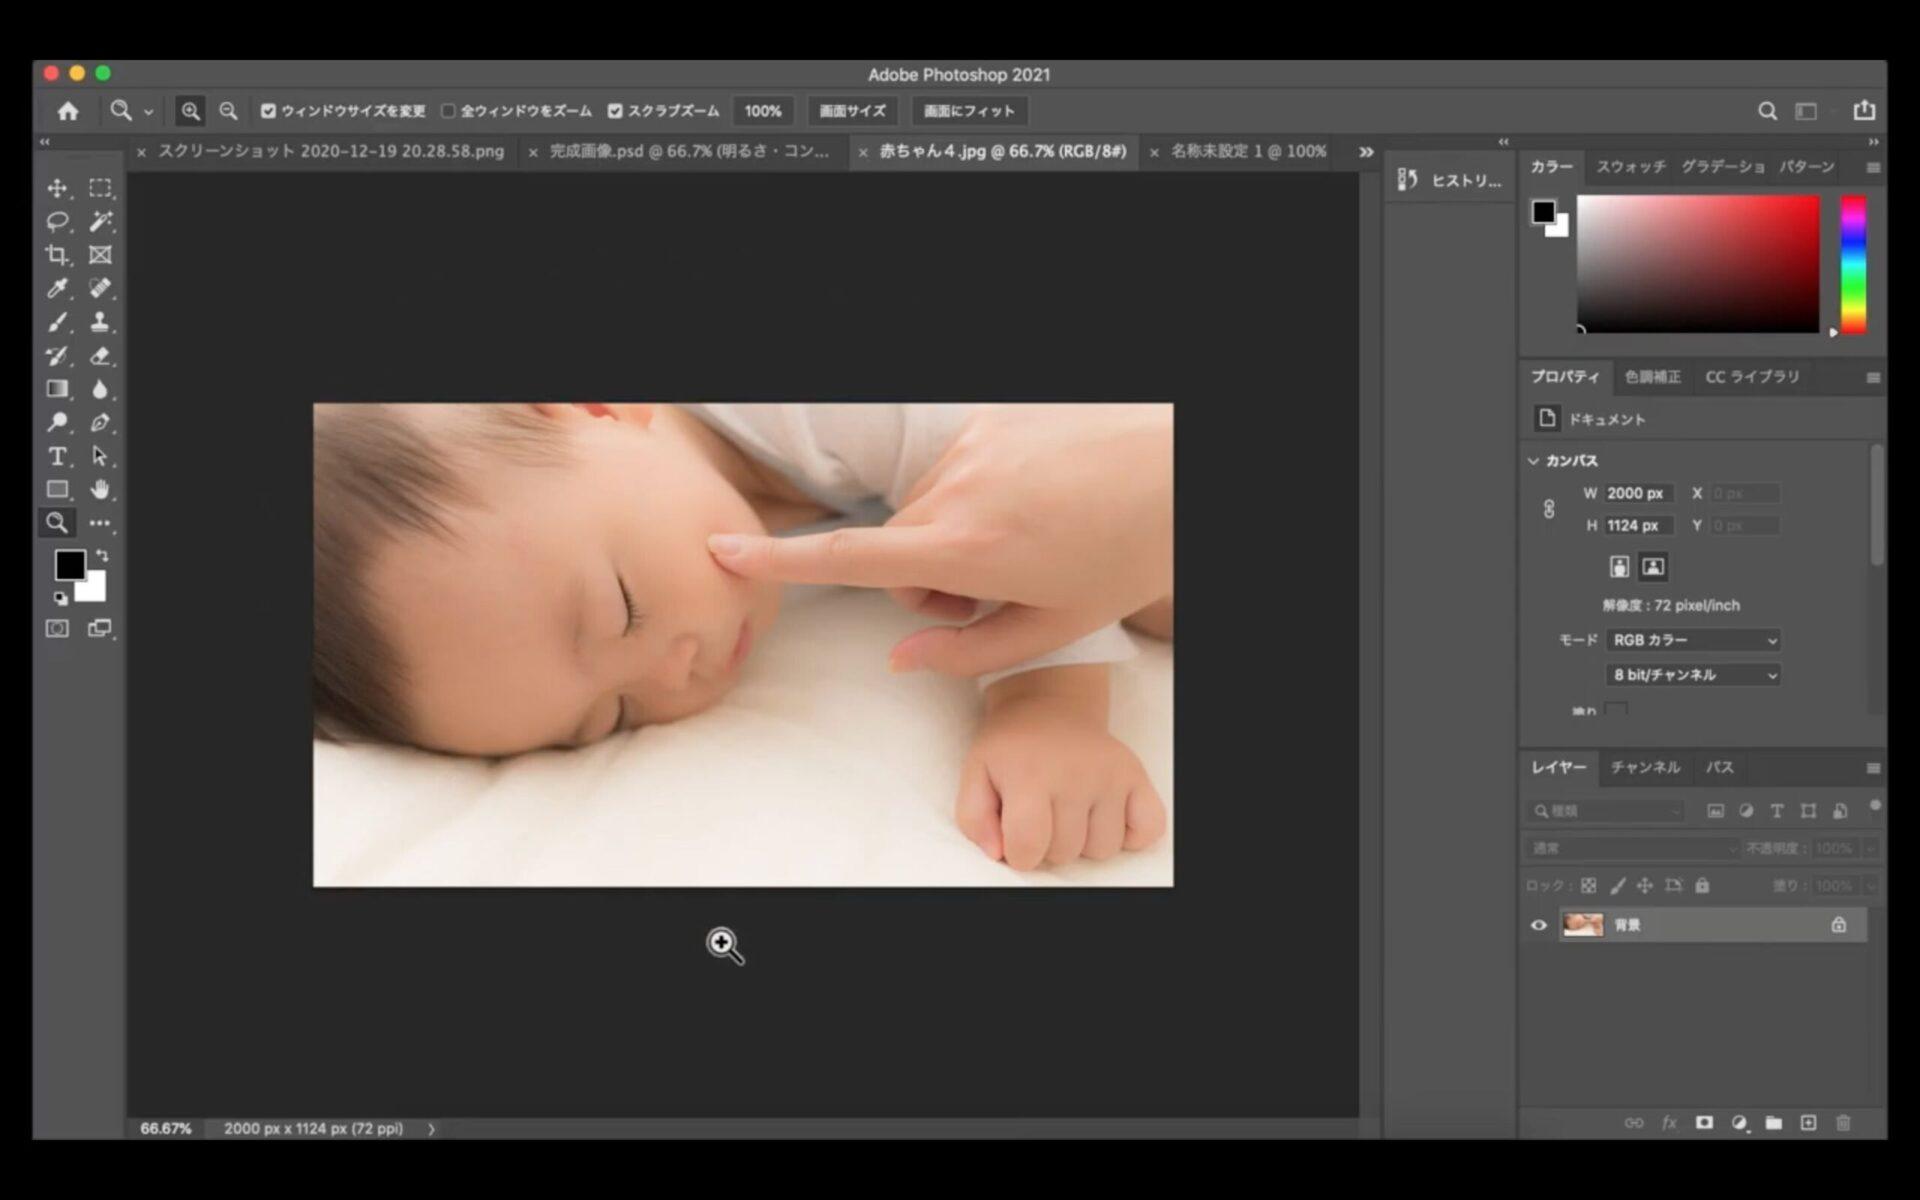 【合成写真の作り方】画像加工ソフト≪フォトショップの使い方≫「2021年最新版」Adobe〜Photoshop〜